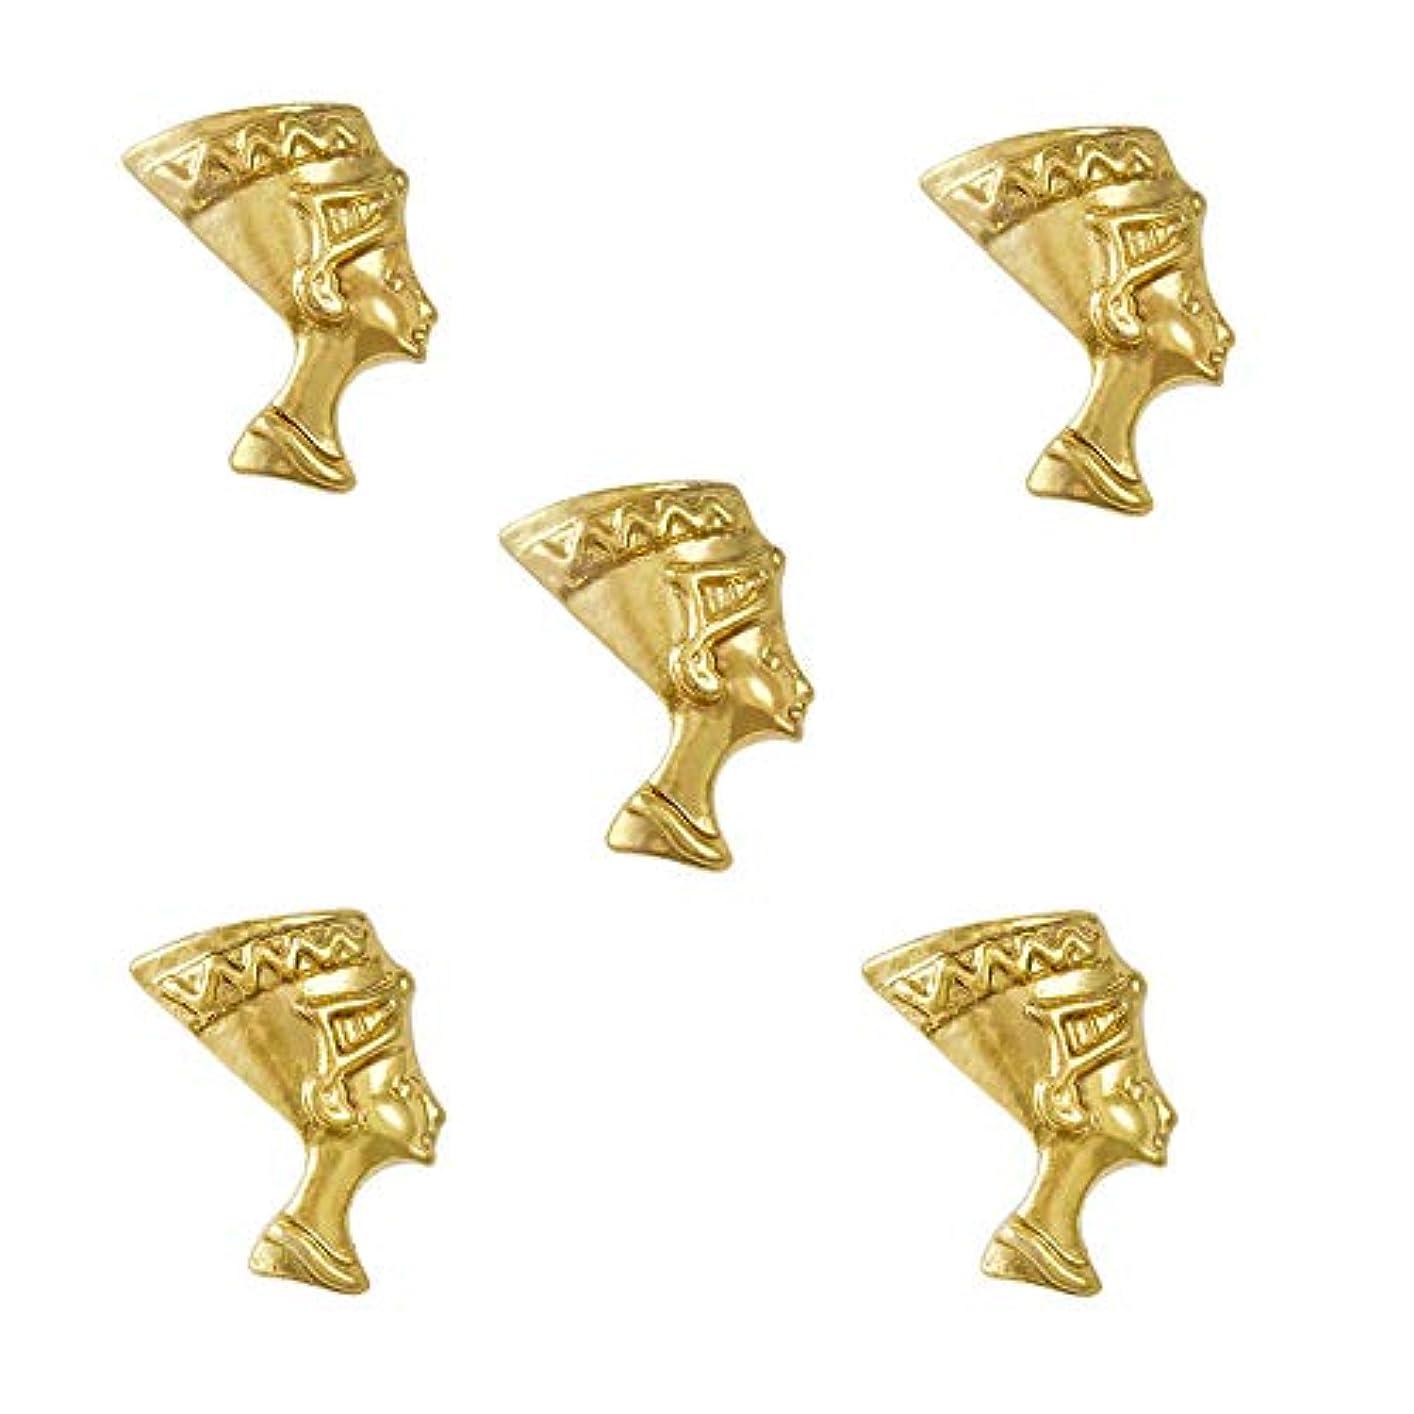 忠実なむき出し10個入り/パックエジプトの女王ネフェルティティエジプトのテーマ3Dゴールドスライスネイルアートの装飾マニキュアショップ用品